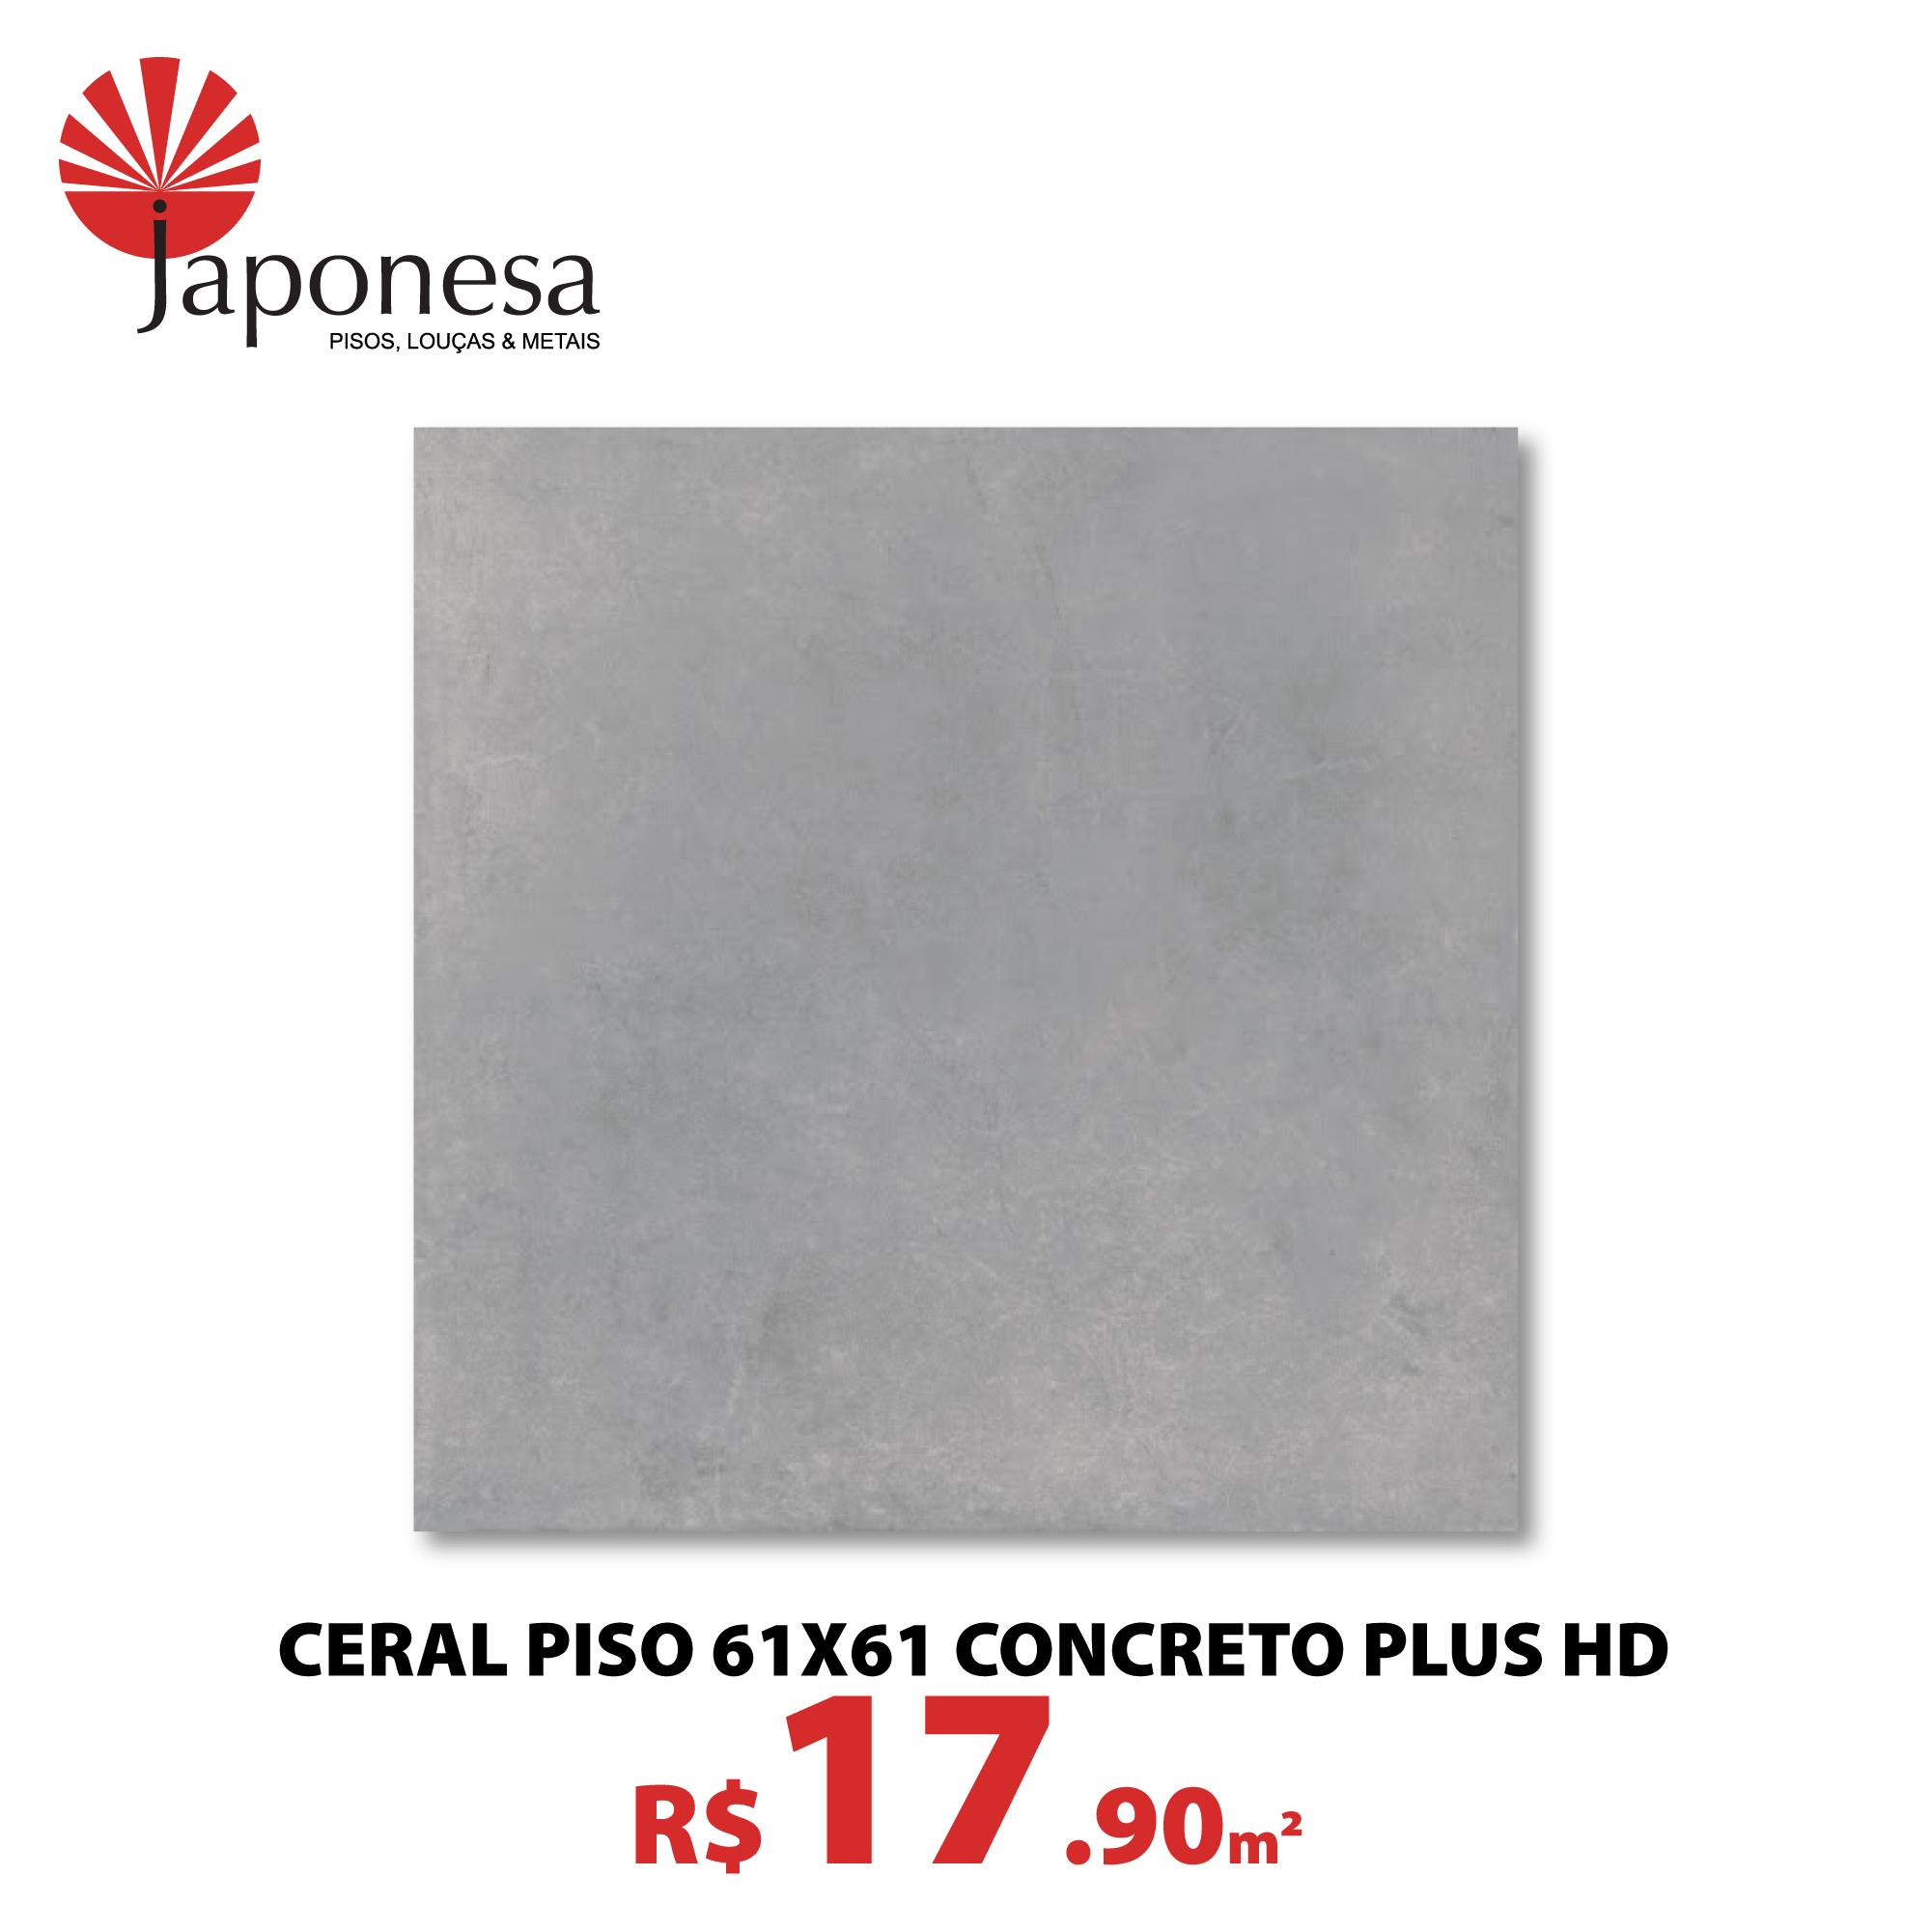 Ceral Piso 61×61 Concreto Plus HD